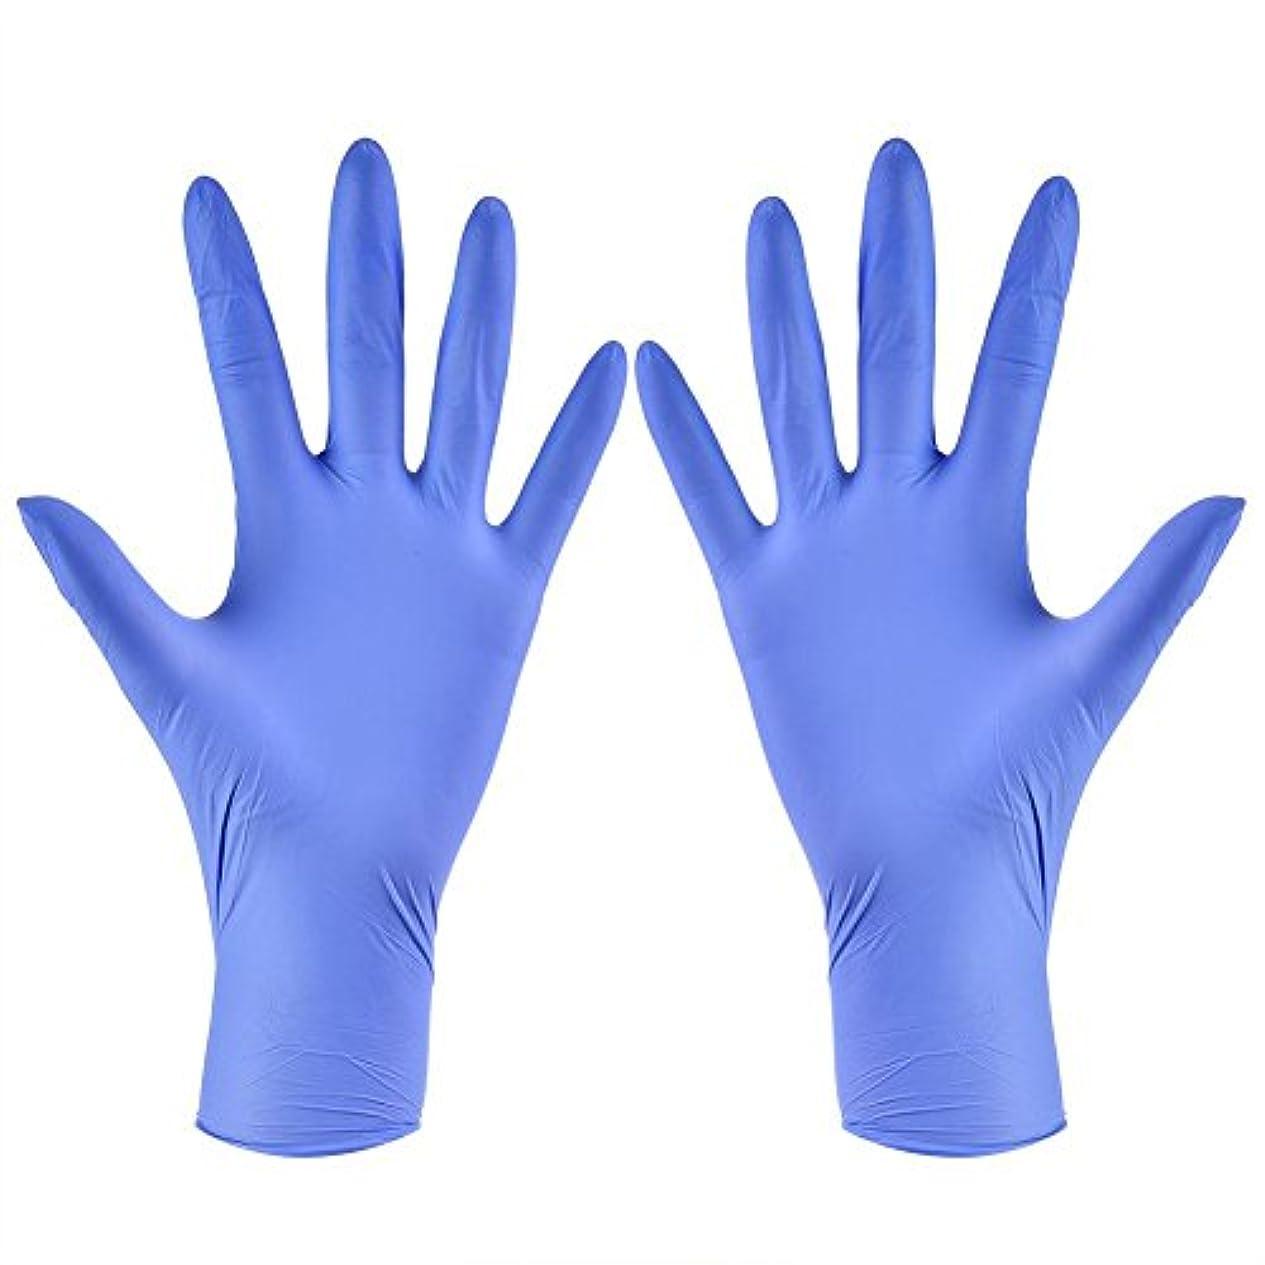 チケットあなたはエゴイズム使い捨て手袋 ニトリルグローブ ホワイト 粉なし タトゥー/歯科/病院/研究室に適応 S/M/L/XL選択可 100枚 左右兼用(S)